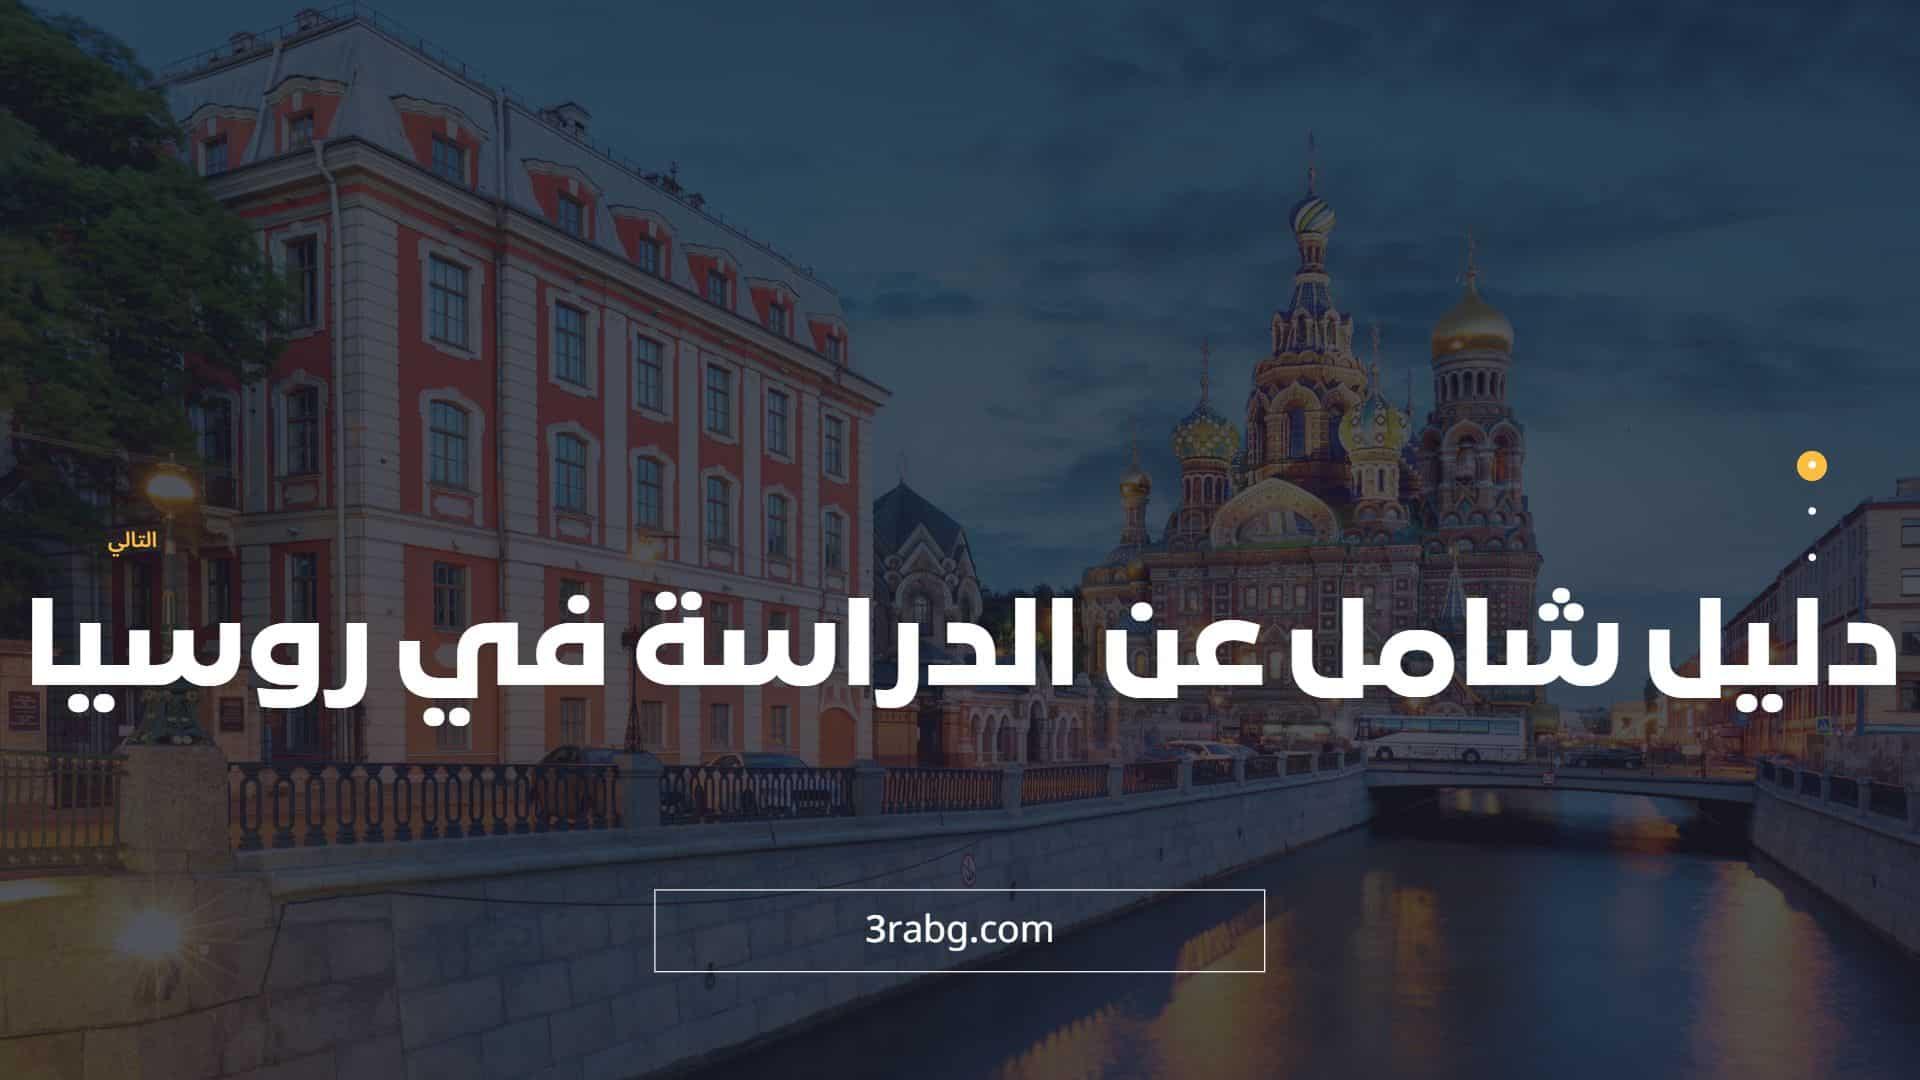 الدراسة في روسيا للطلاب الأجانب: ماهي الشروط واهم الجامعات وماهي تكاليفها السنوية